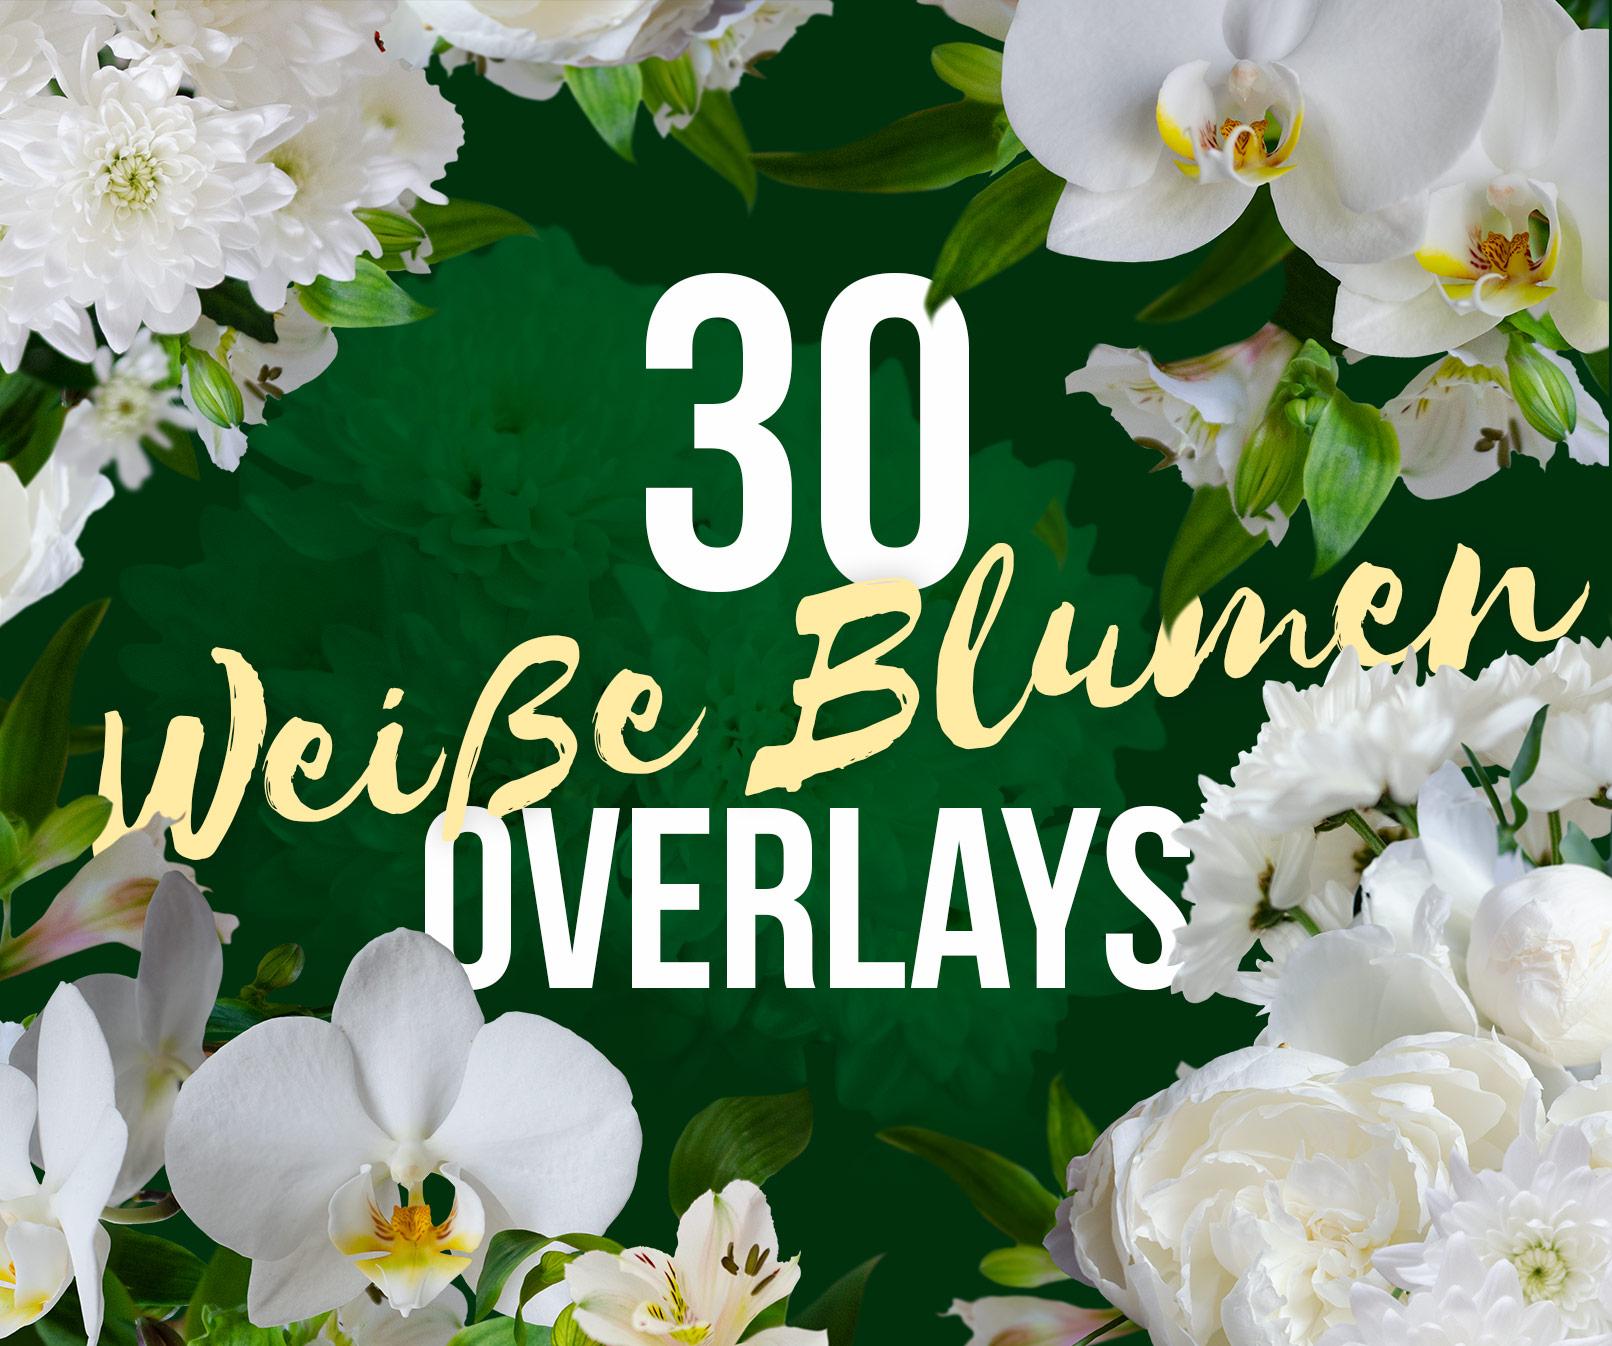 Weiße Blumen, unter anderem Orchideen und Chrysanthemen